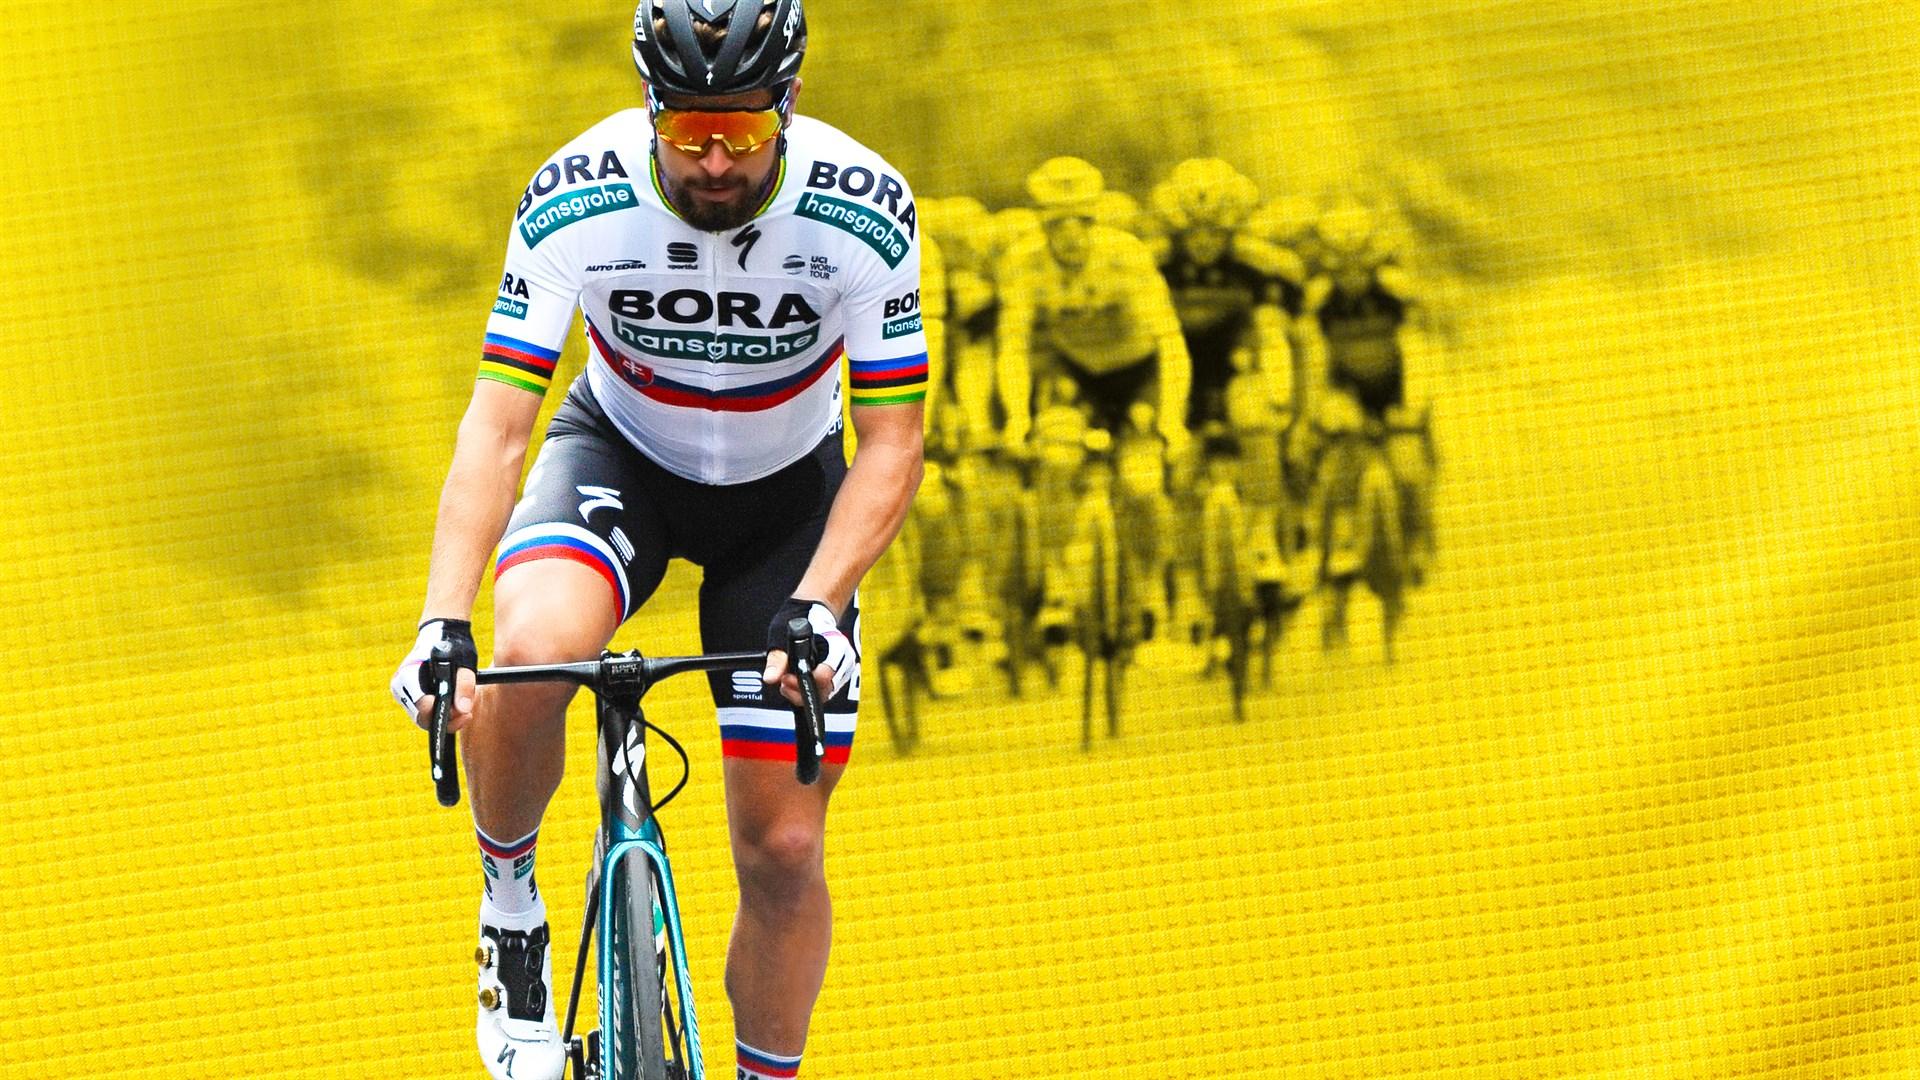 Ciclismo, classica delle Fiandre 2020: dove vedere la gara in TV e streaming